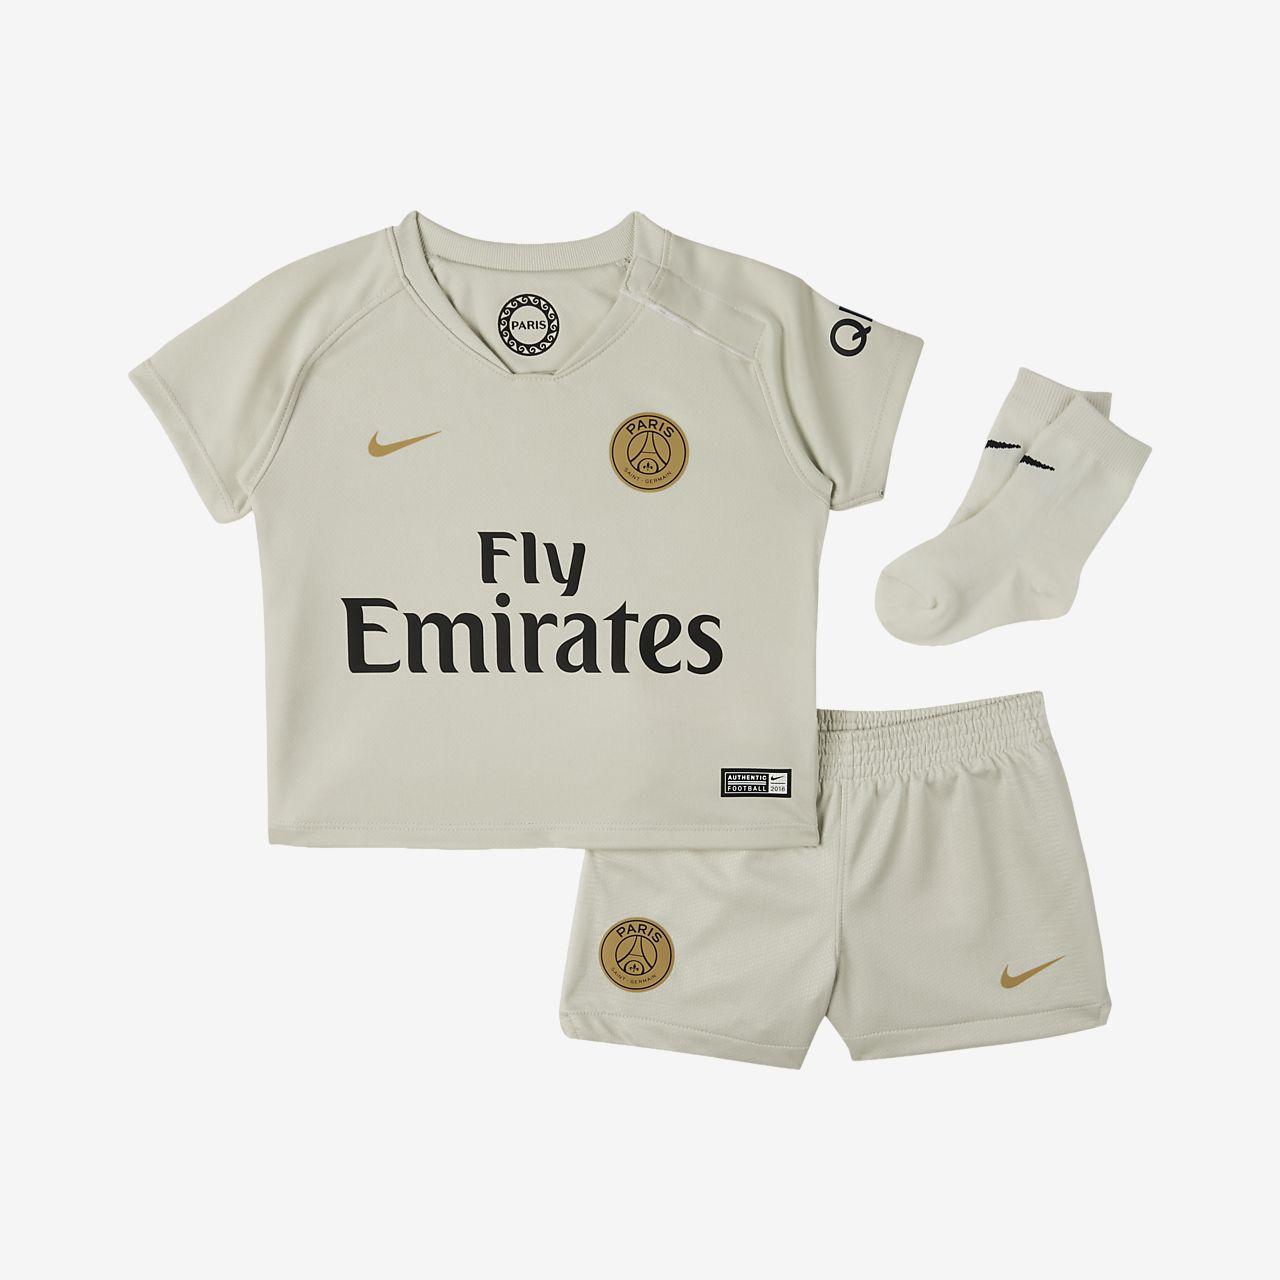 2018/19 Paris Saint-Germain Stadium Away fotballdraktsett til sped-/småbarn